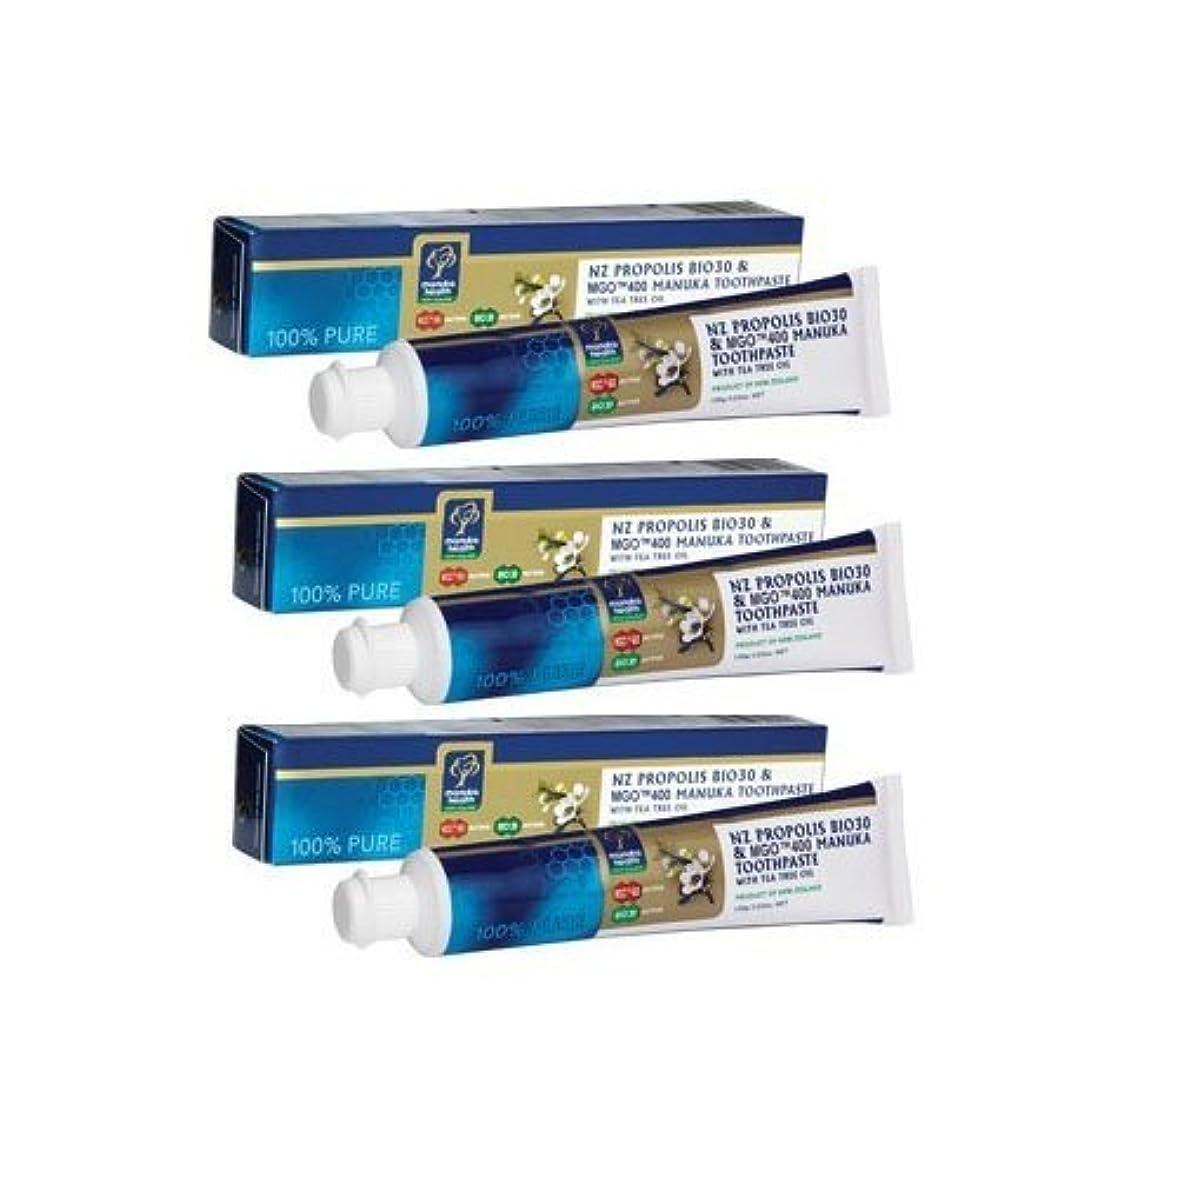 増幅アシスト耐久プロポリス&マヌカハニー MGO400+ 歯磨き粉 x 3本セットティーツリー配合 [海外直送品][並行輸入品]